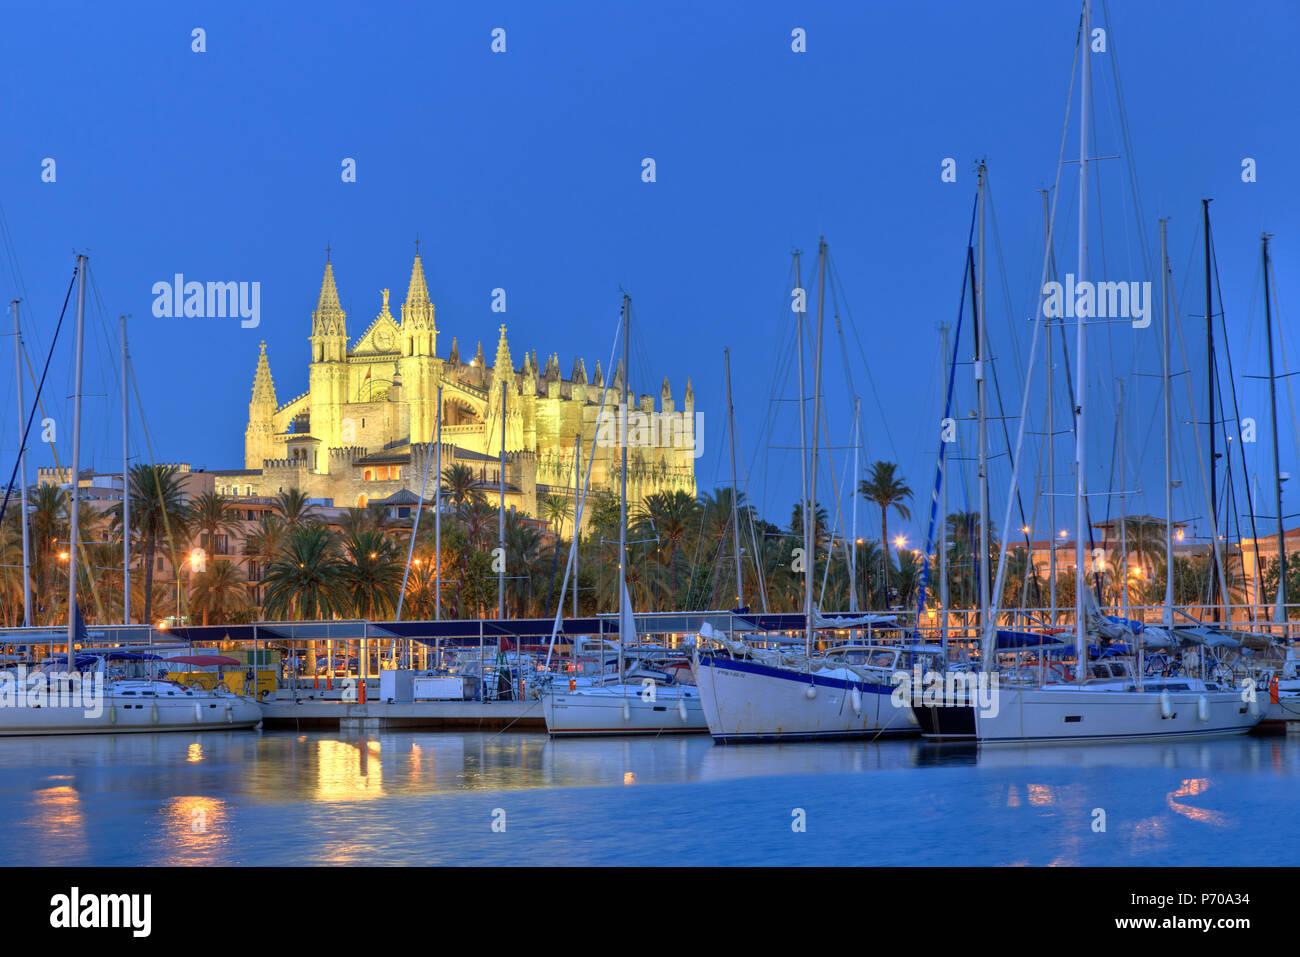 España, Islas Baleares, Mallorca, Palma de Mallorca, la catedral Imagen De Stock